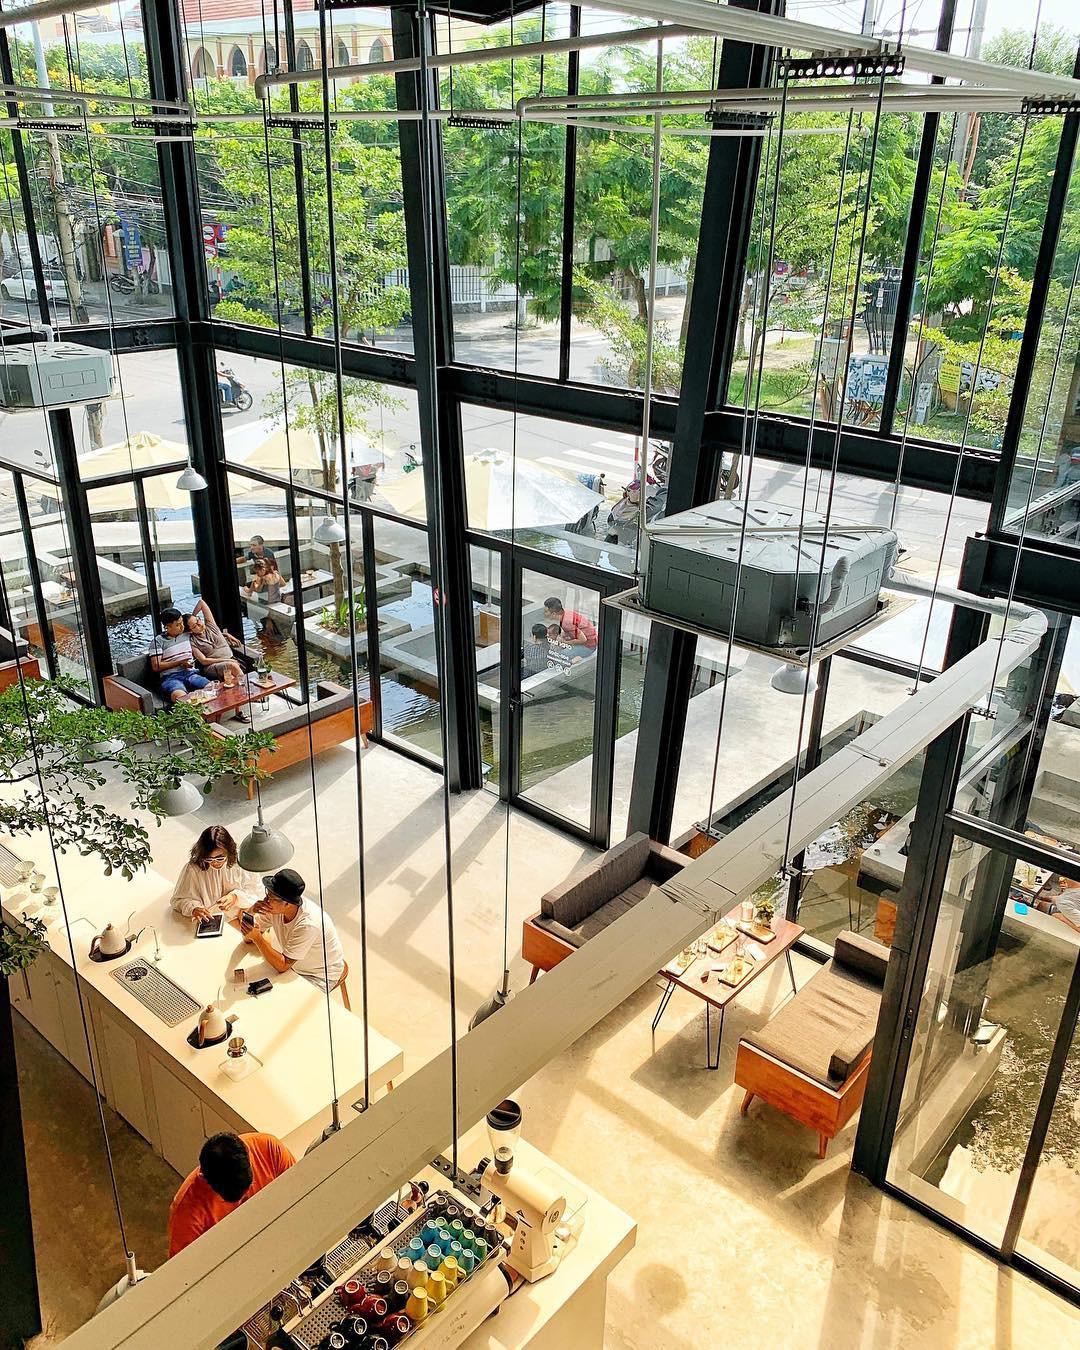 Những quán cà phê và khu tổ hợp xinh xắn khiến bạn muốn bất chấp book vé đi Đà Nẵng ngay - Ảnh 3.